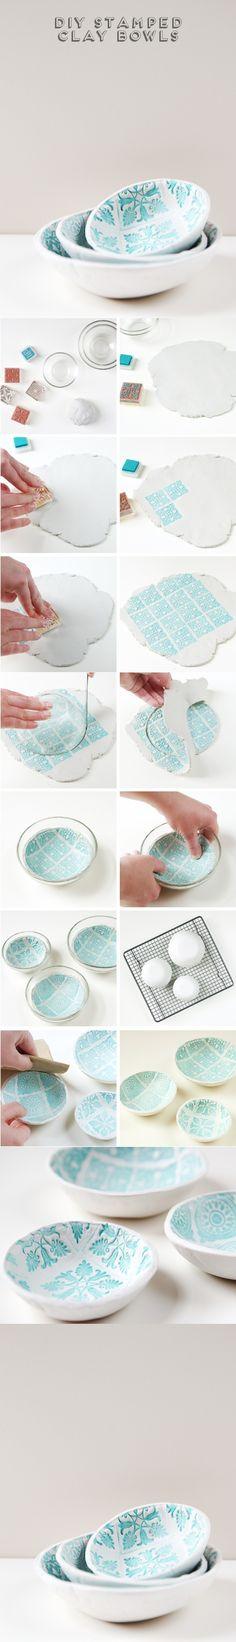 Fabrica tus propios bowls de arcilla - Muy Ingenioso